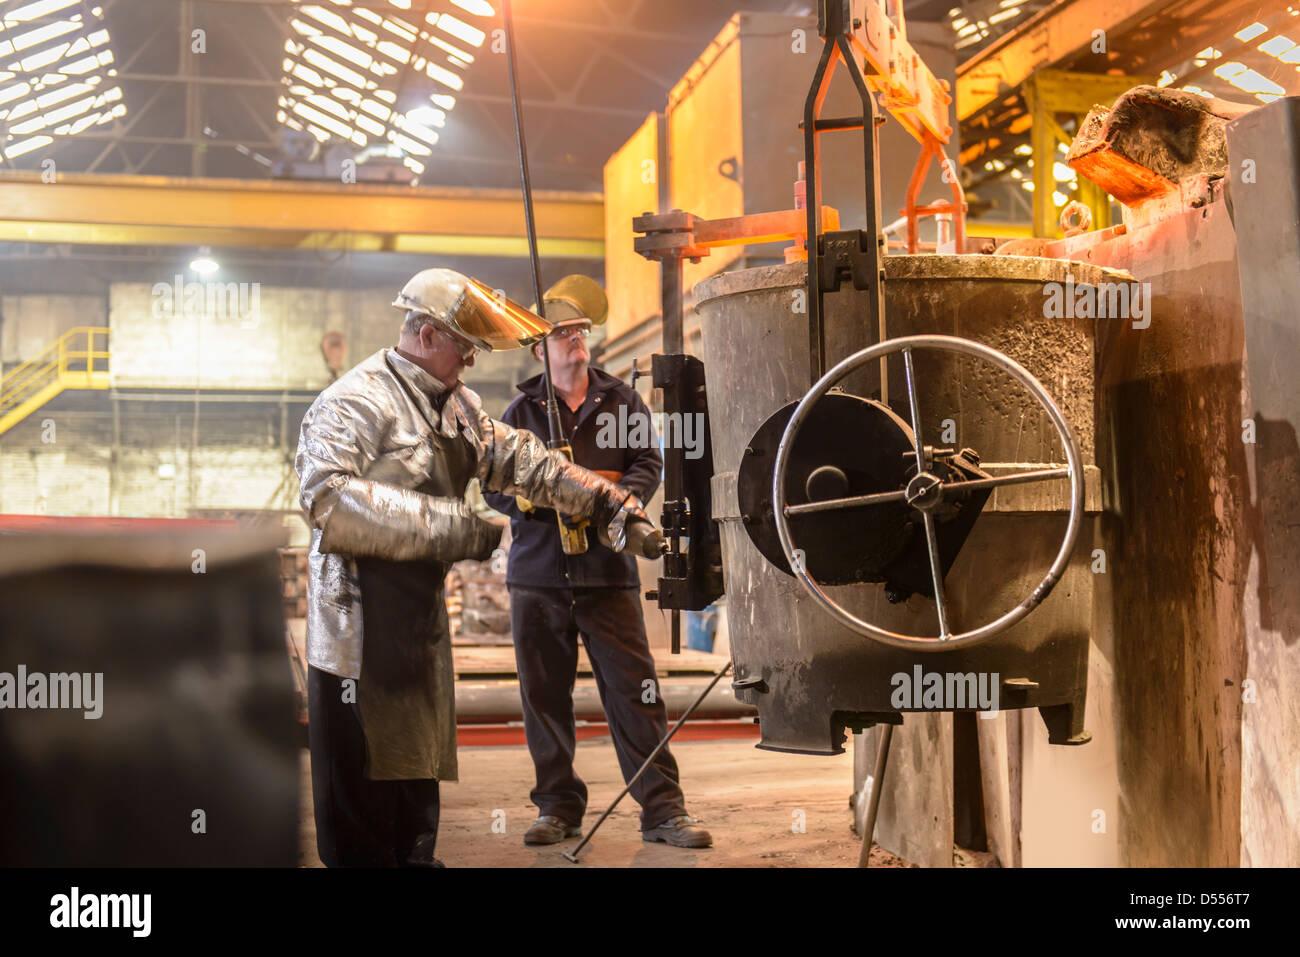 Los trabajadores con iva de metal fundido. Foto de stock